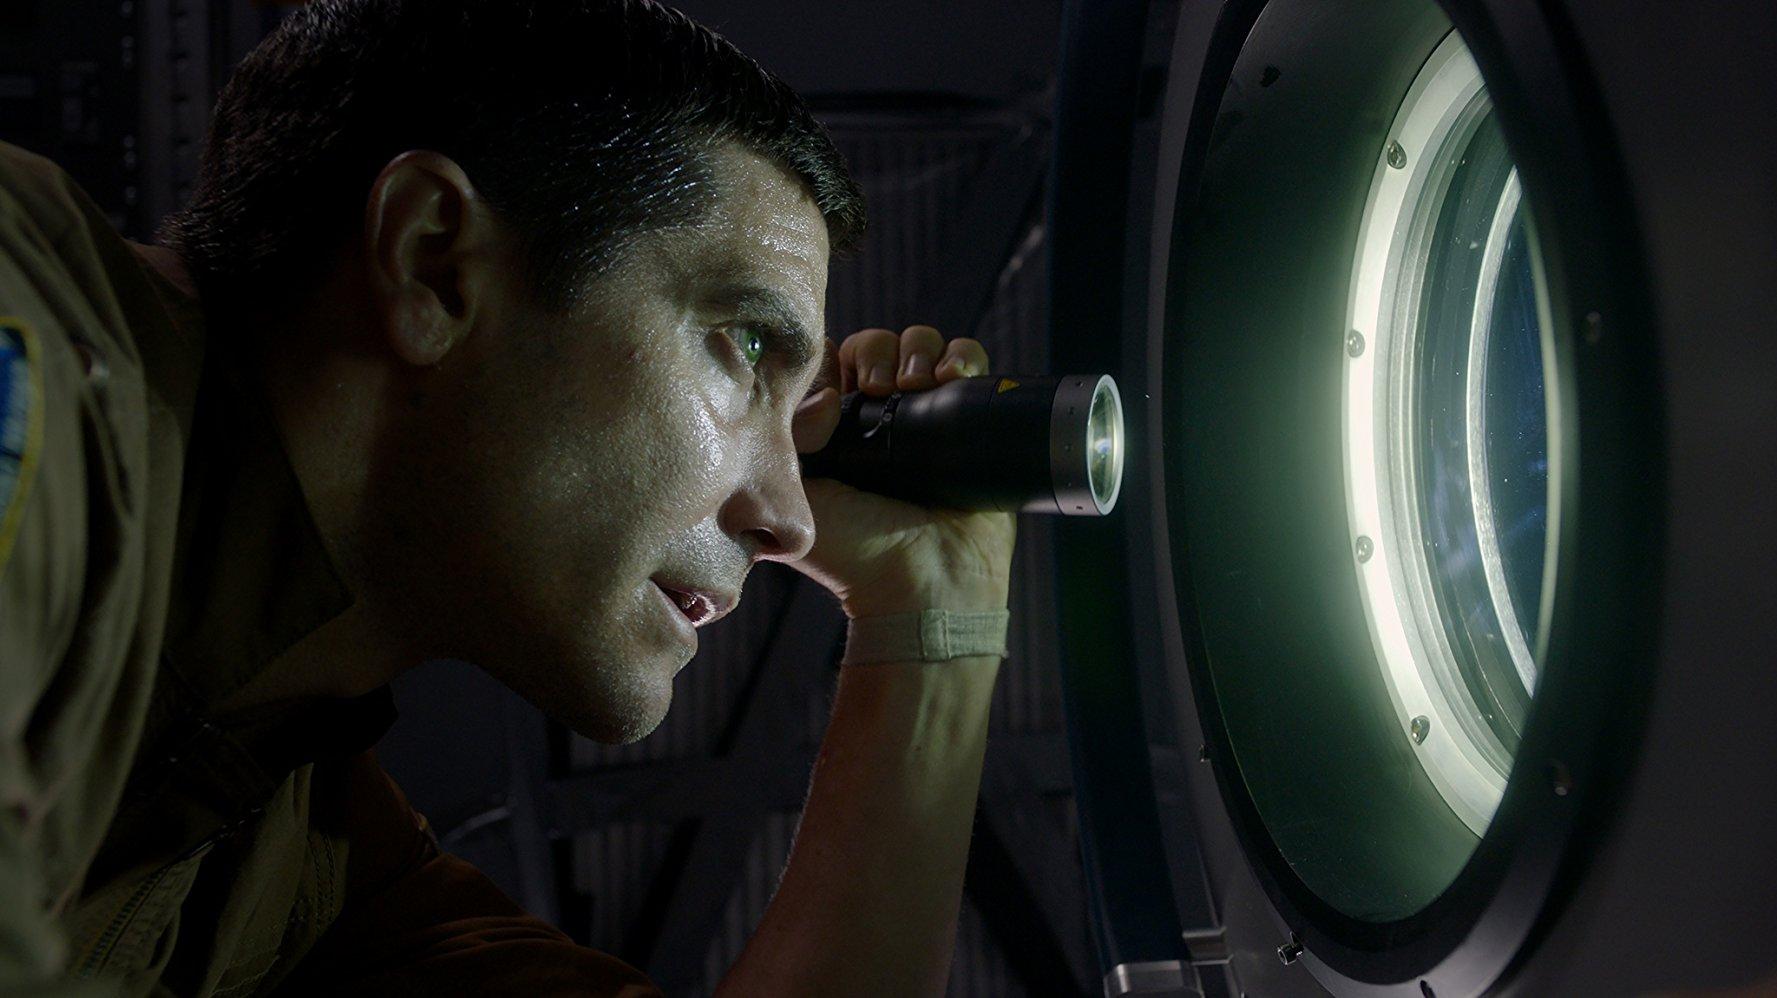 ۱۰ فیلم ترسناک علمی تخیلی برتر و دیدنی قرن ۲۱ را بشناسید [قسمت اول]